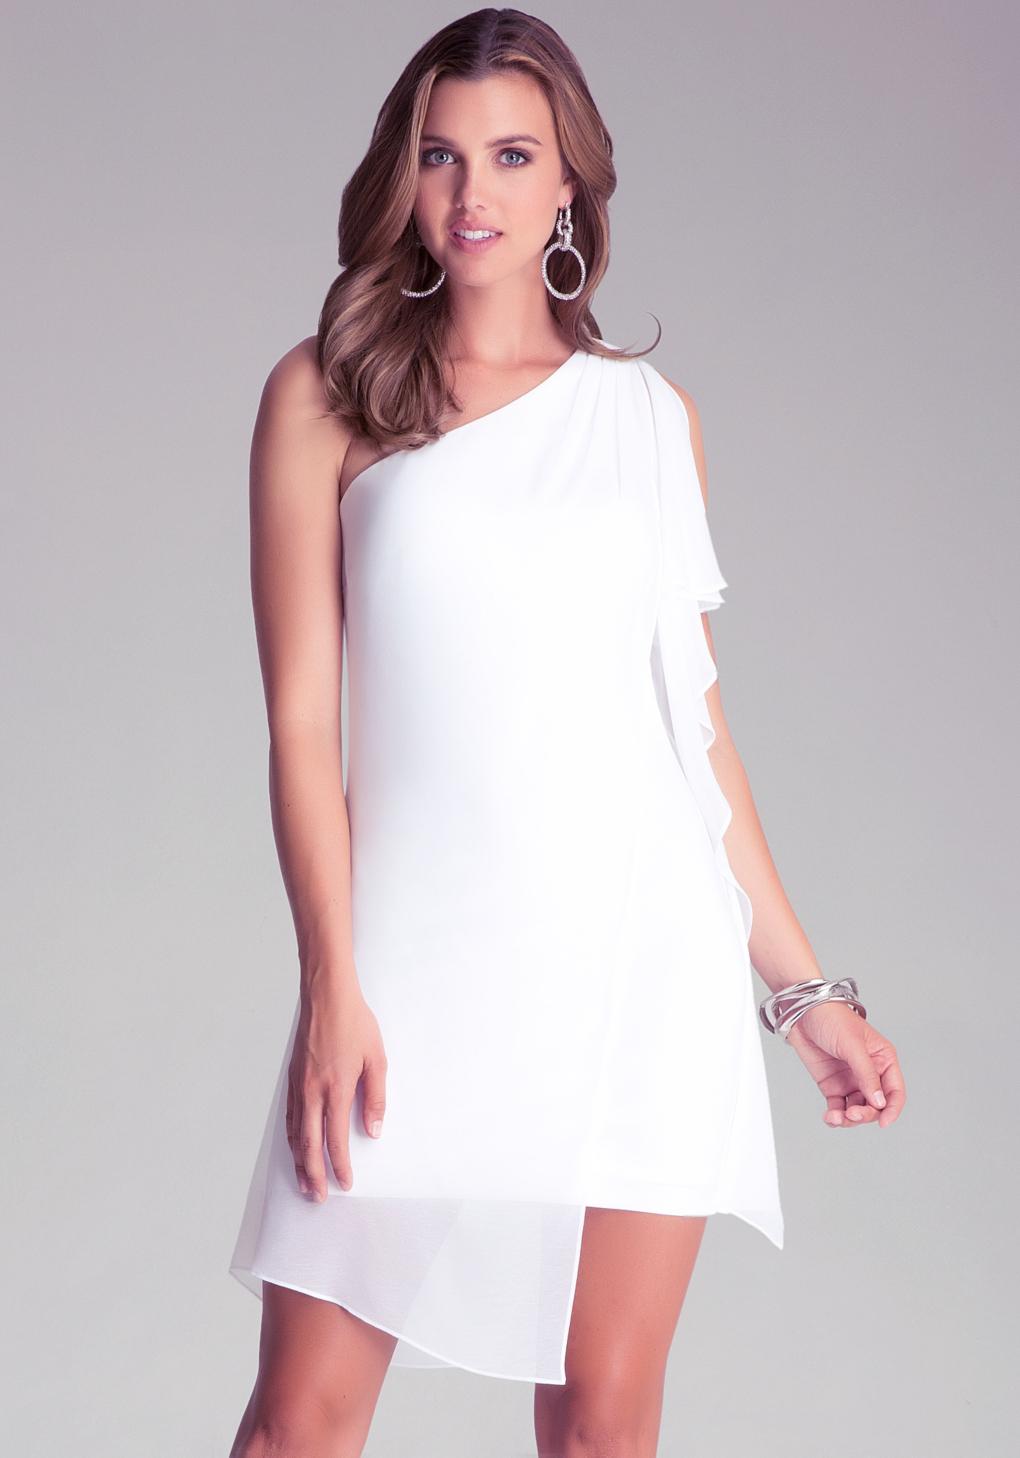 Bebe One Shoulder White Dress